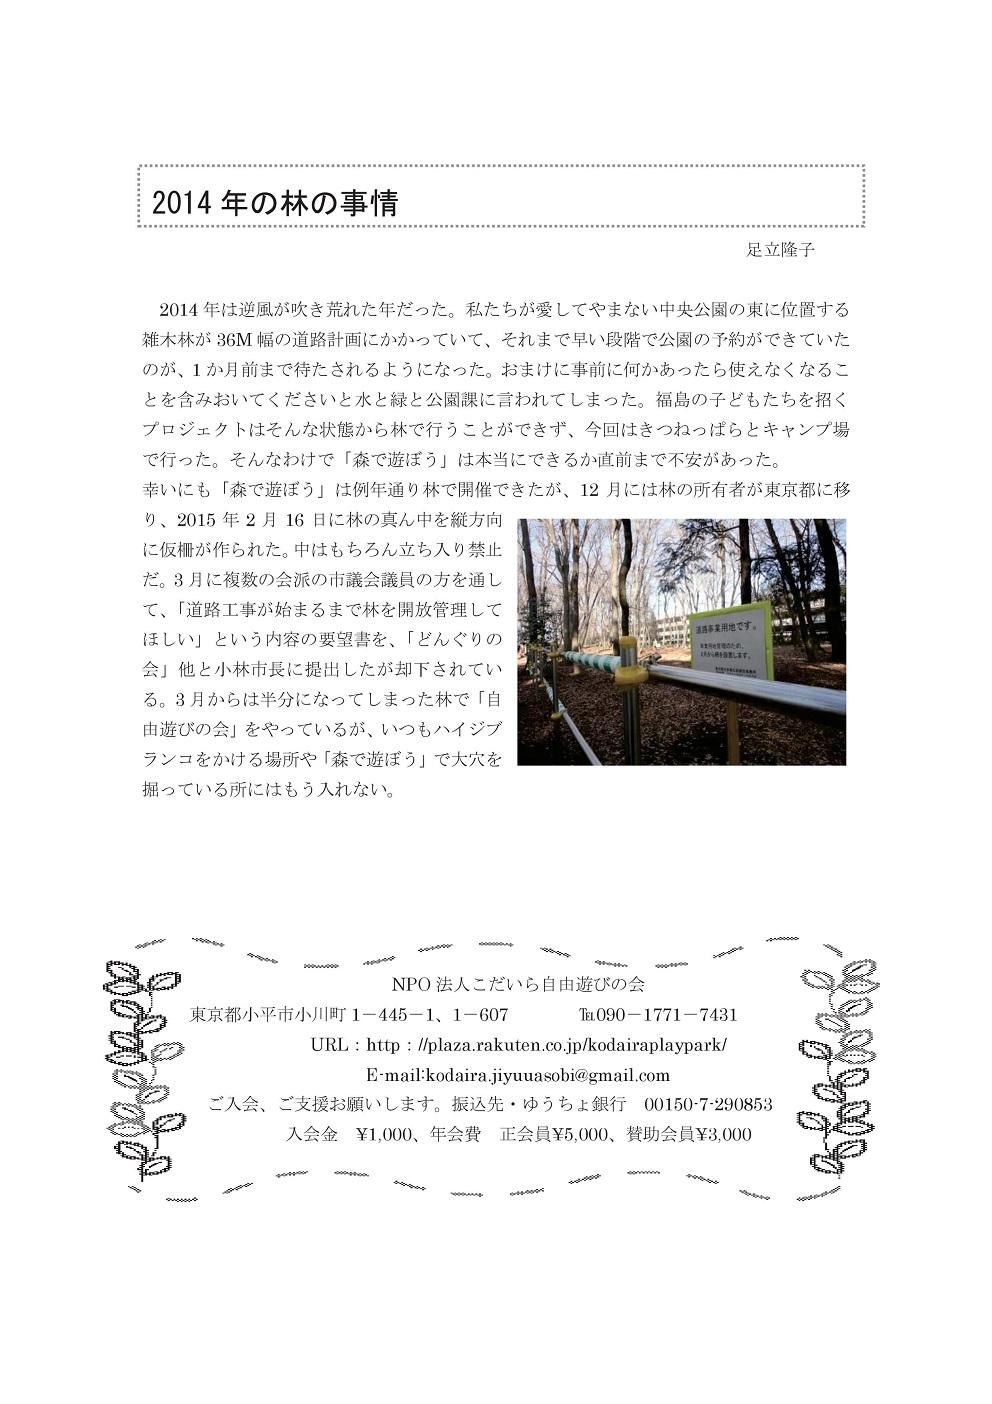 2014年度 活動報告書 こだいら自由遊びの会2-006.jpg